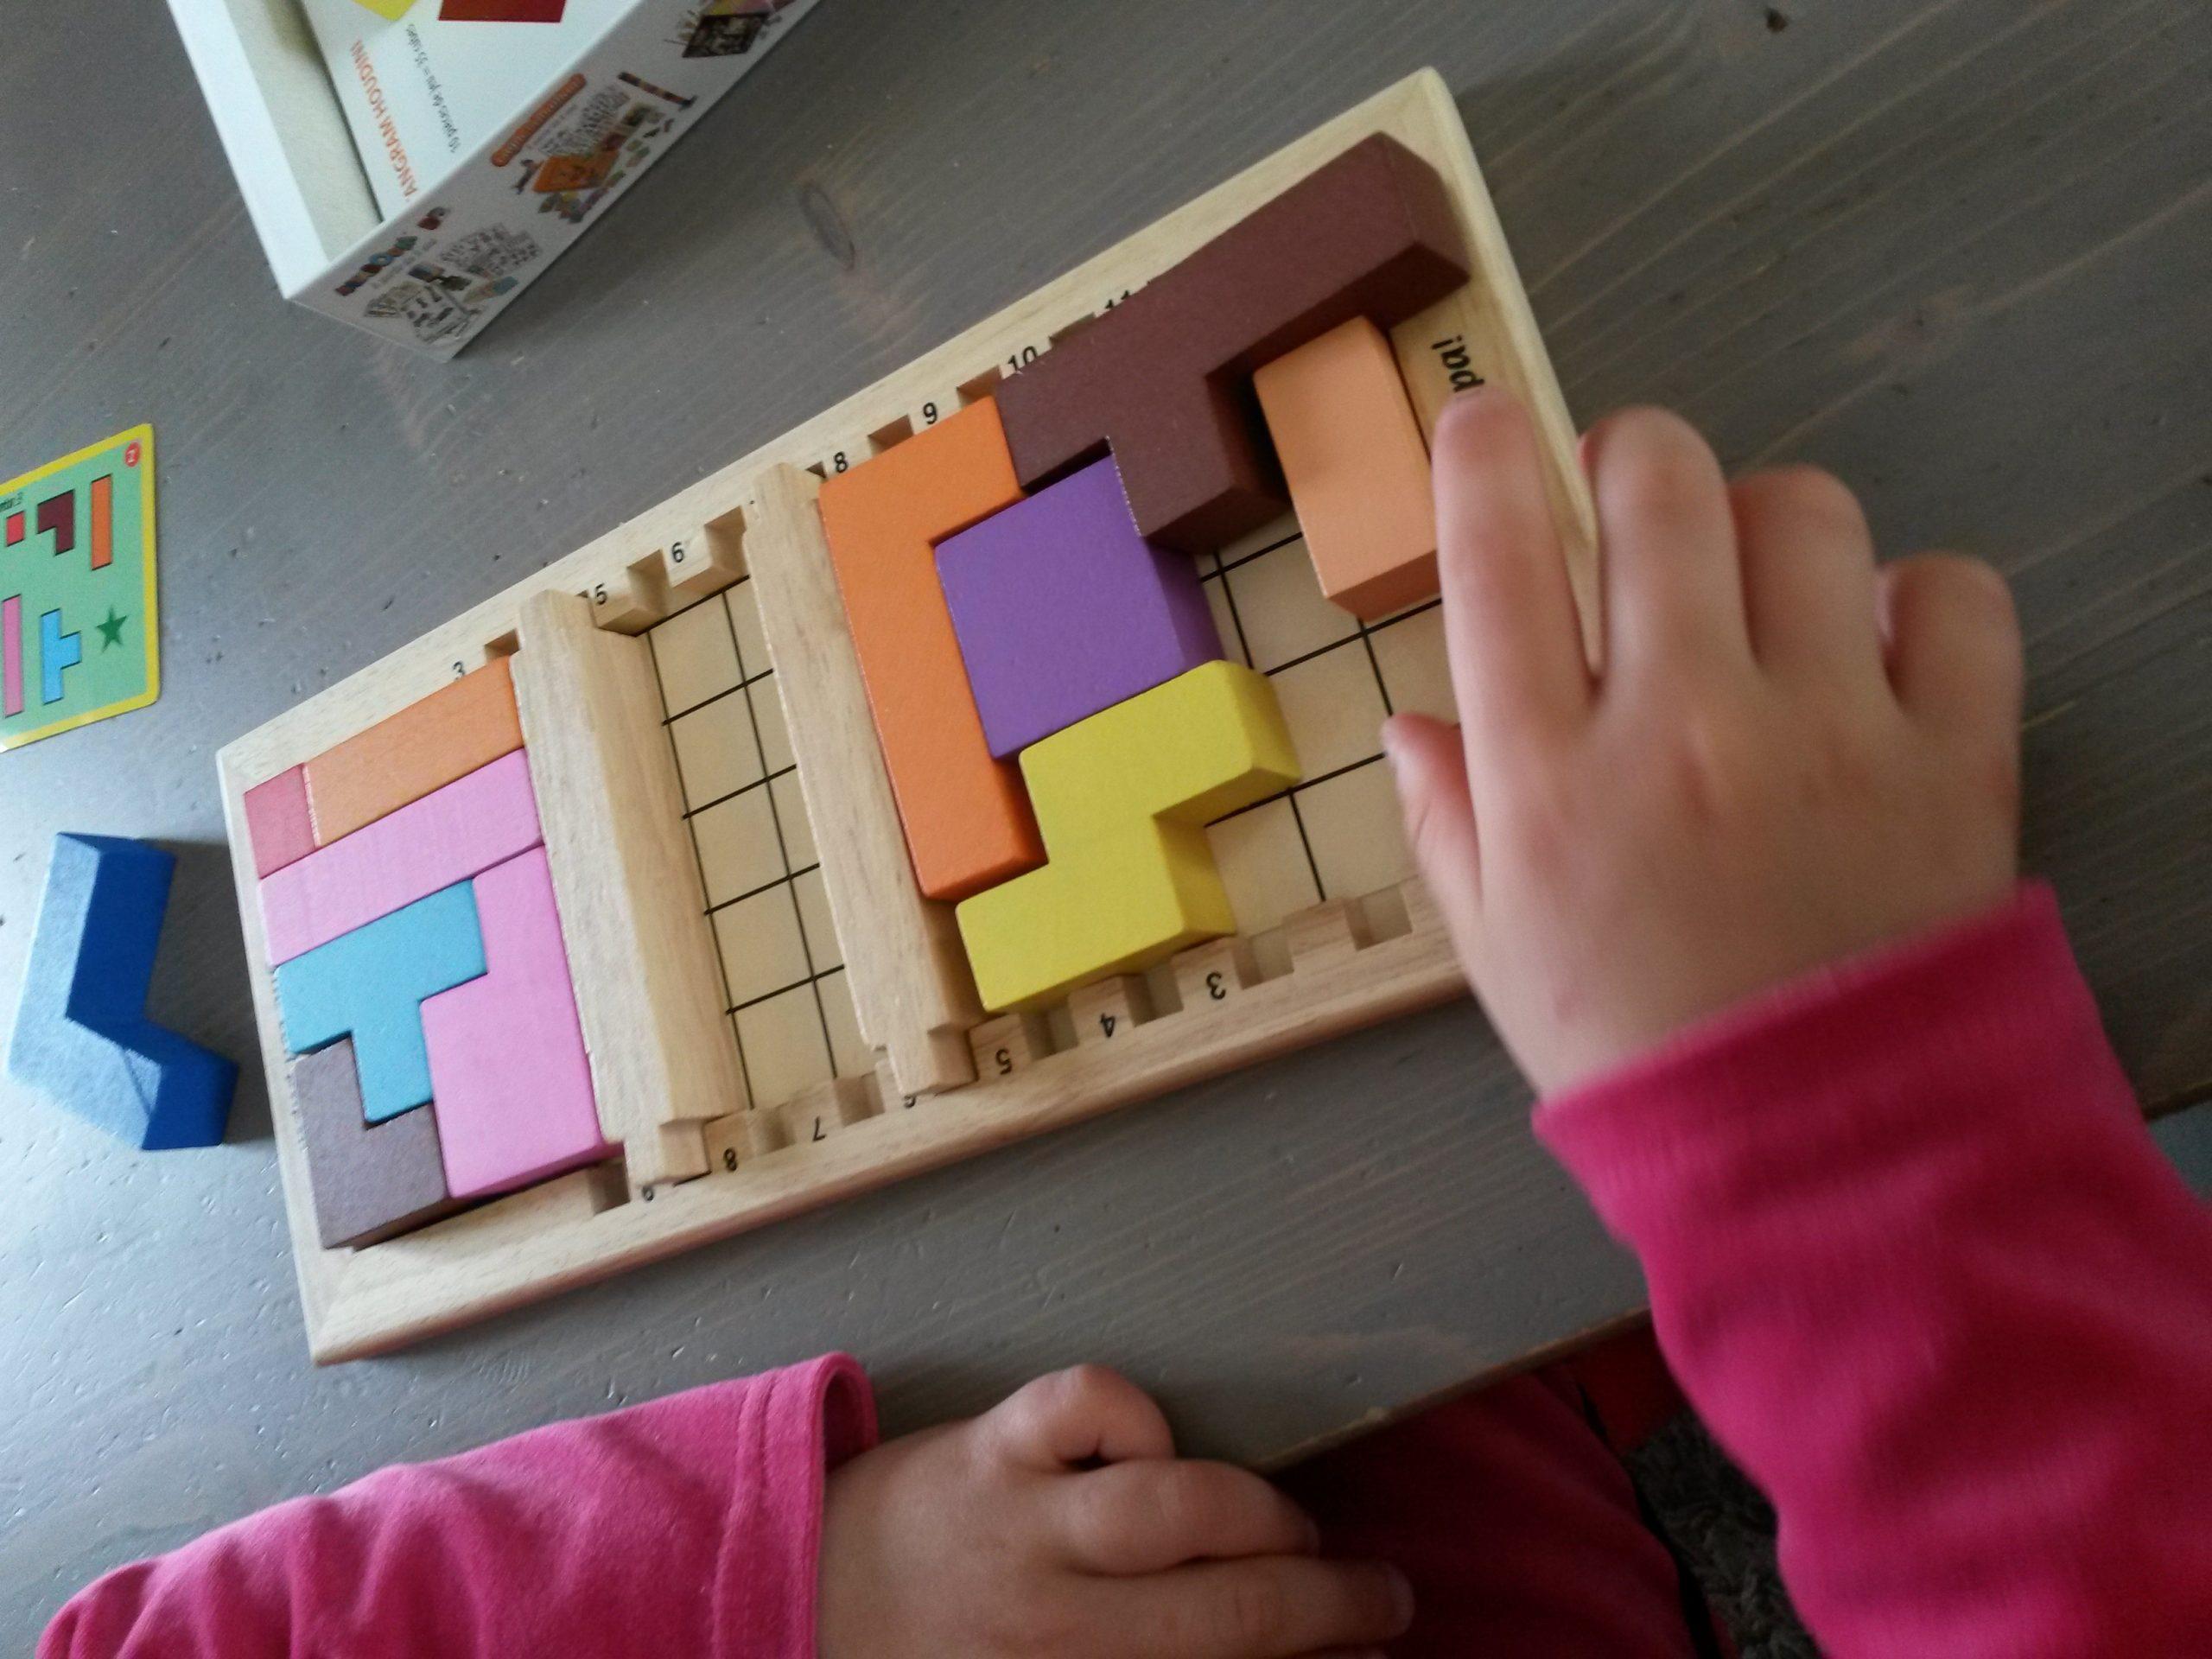 Ma Sélection De 5 Jeux De Logique Pour Les Enfants encequiconcerne Jeux De Logique Gratuits